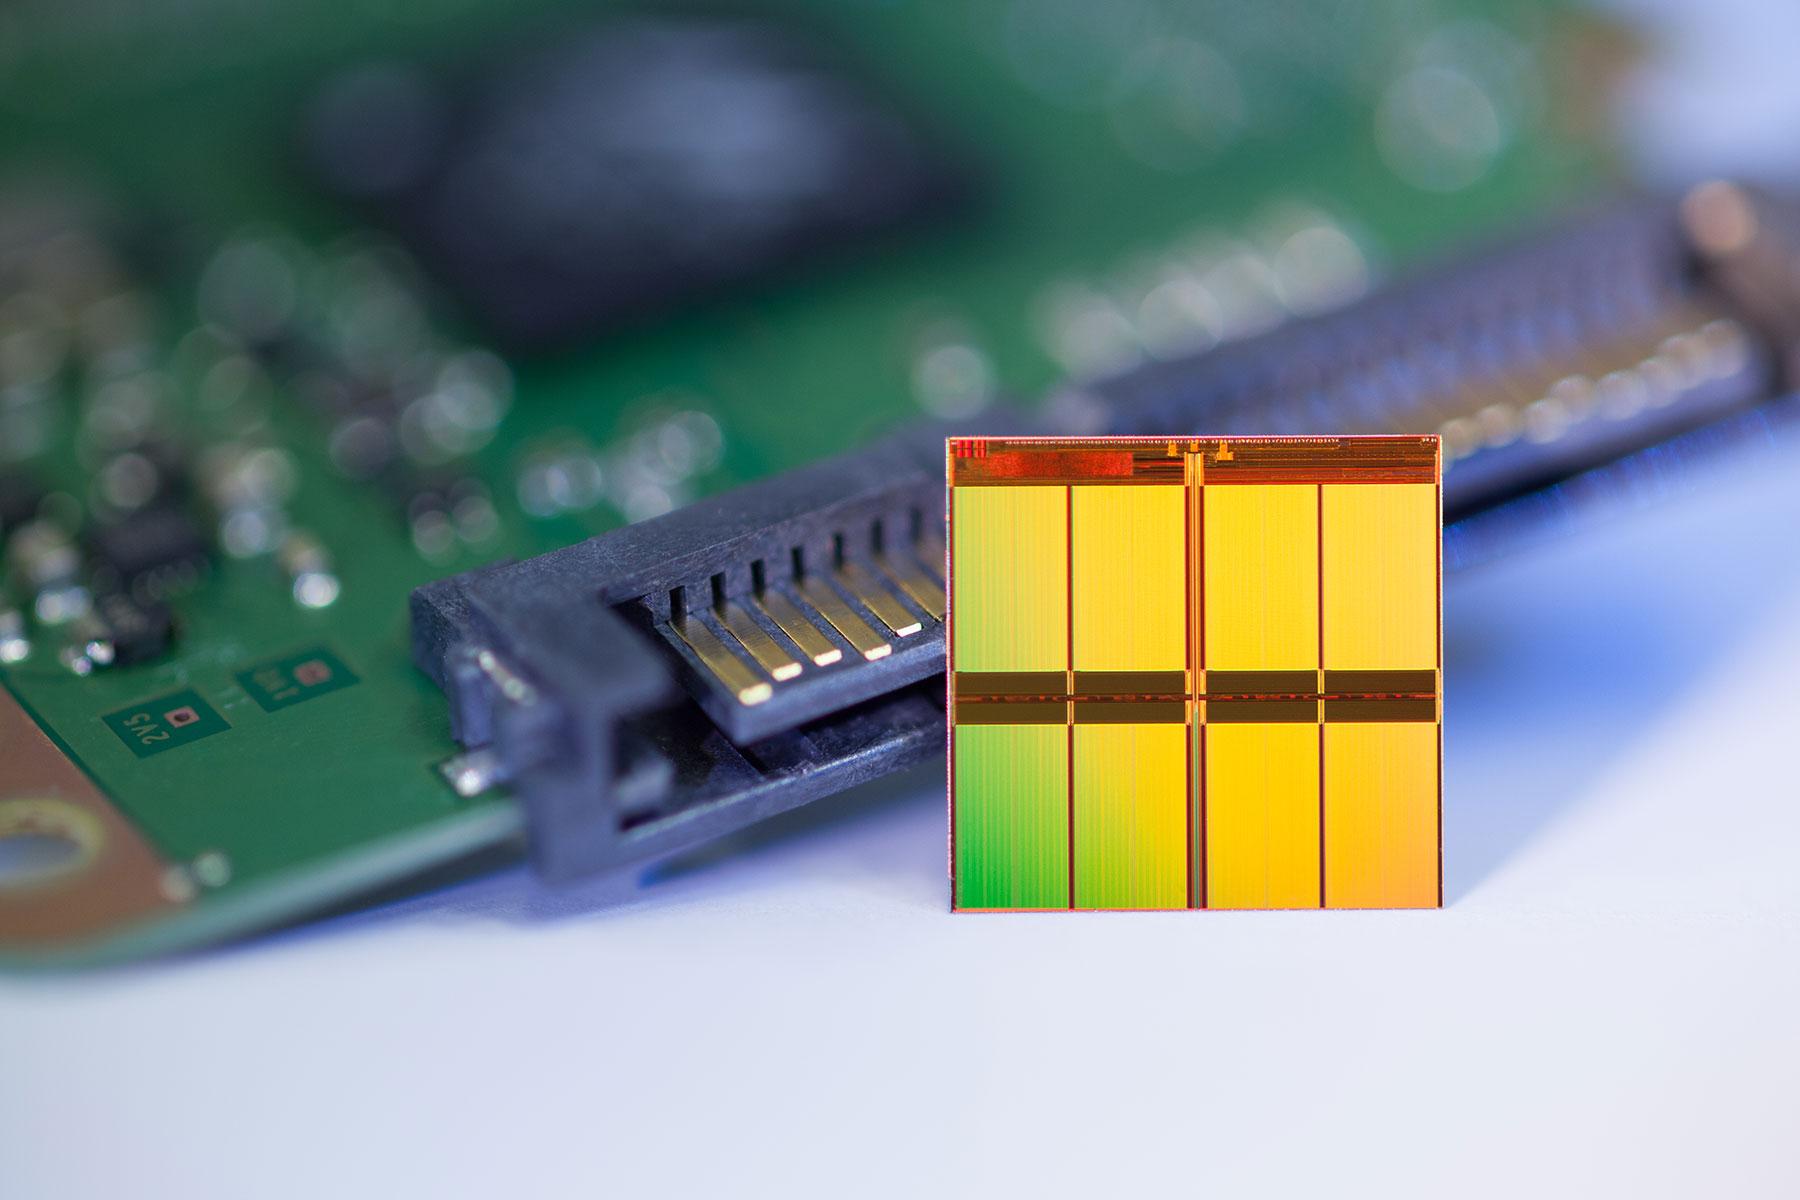 Micron's 16nm MLC NAND Flash memory chip